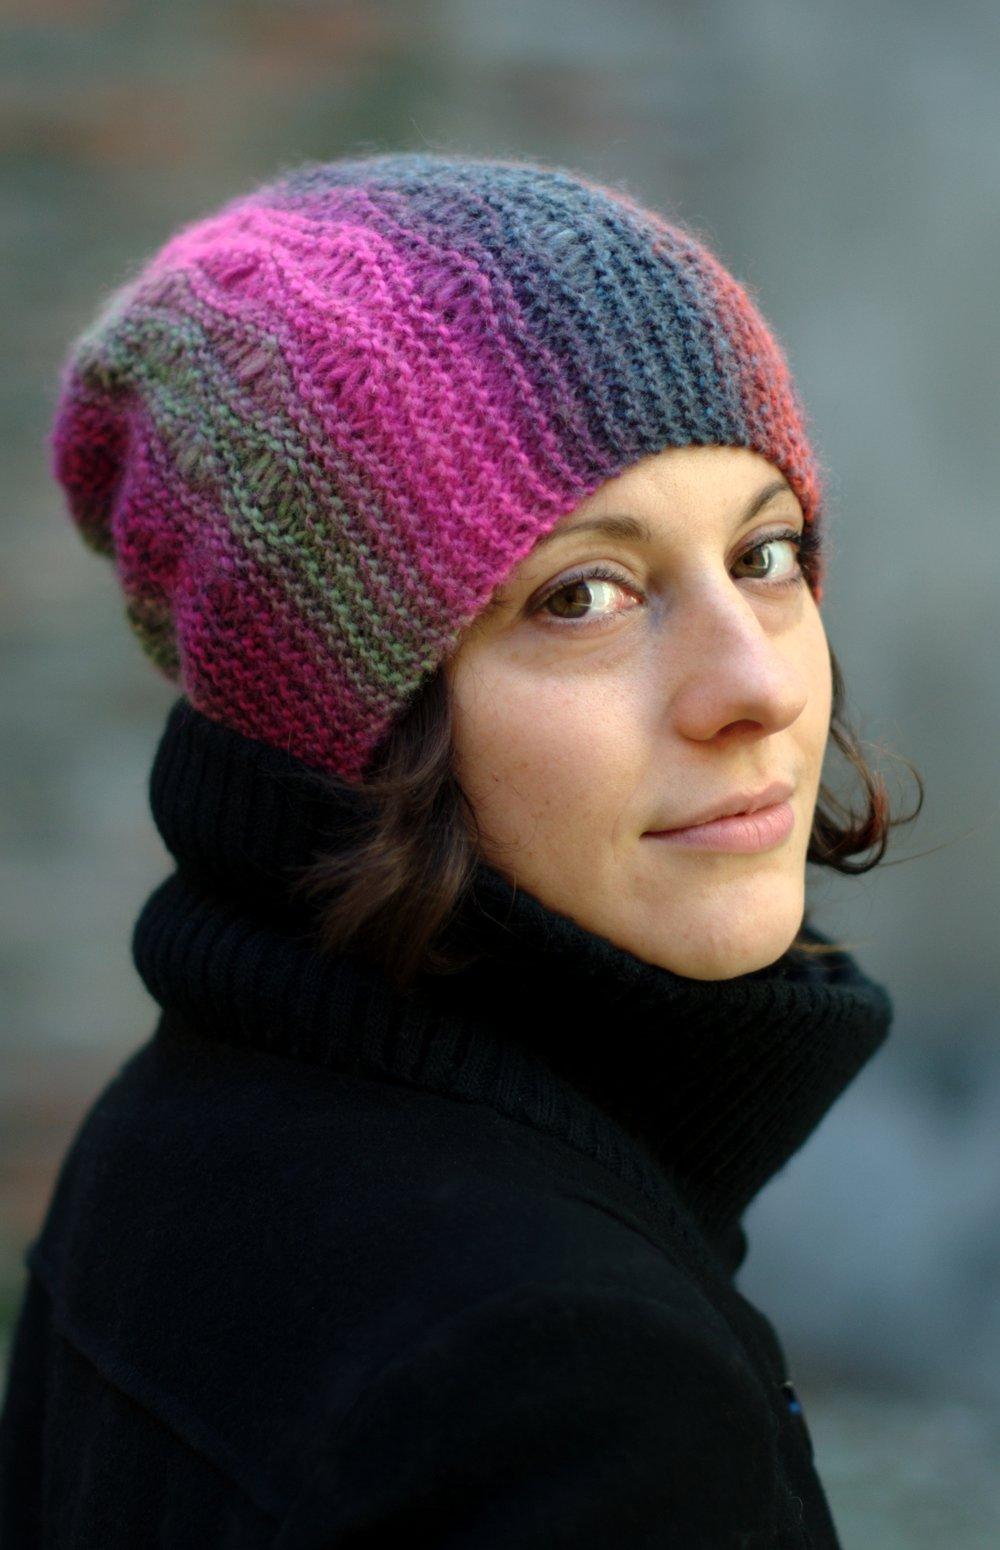 Marina sideways knit dropped stitch slouchy Hat knitting pattern